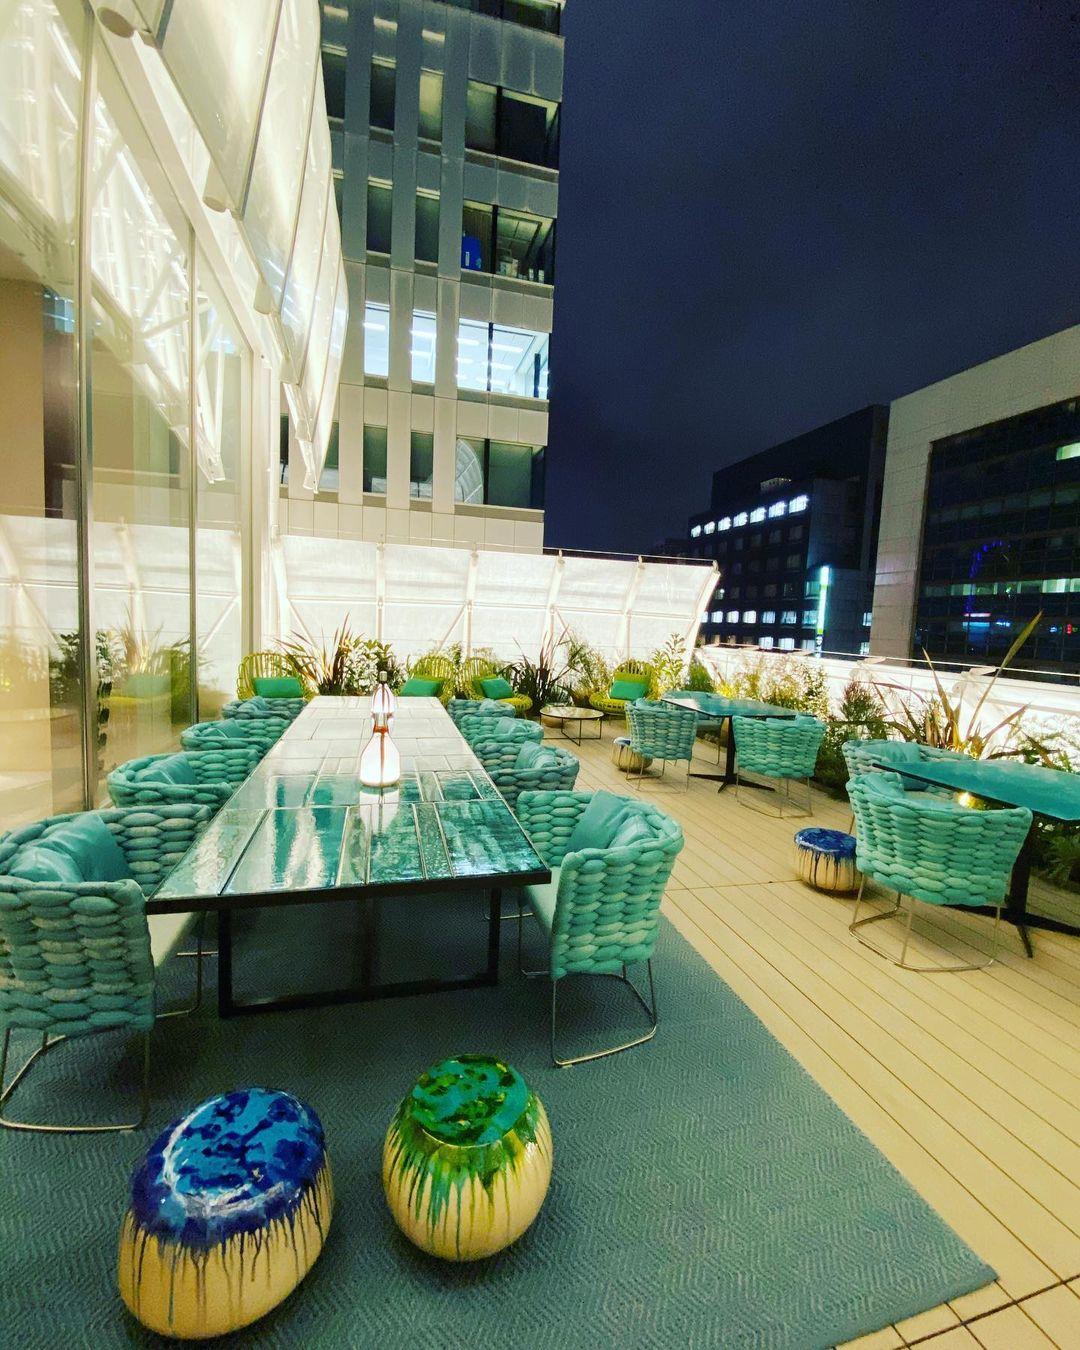 Hoặc chọn bàn trên sân thượng thoáng đãng. Khu vực ngoài trời được thiết kế như một khu vườn nhỏ với tông màu xanh chủ đạo. Trên instagram, nó là một trong những điểm check-in được phái nữ xứ sở hoa anh đào yêu thích vào mùa hè năm nay. Chỗ ngồi có thể ngắm phố, mang đến cảm giác thư giãn.